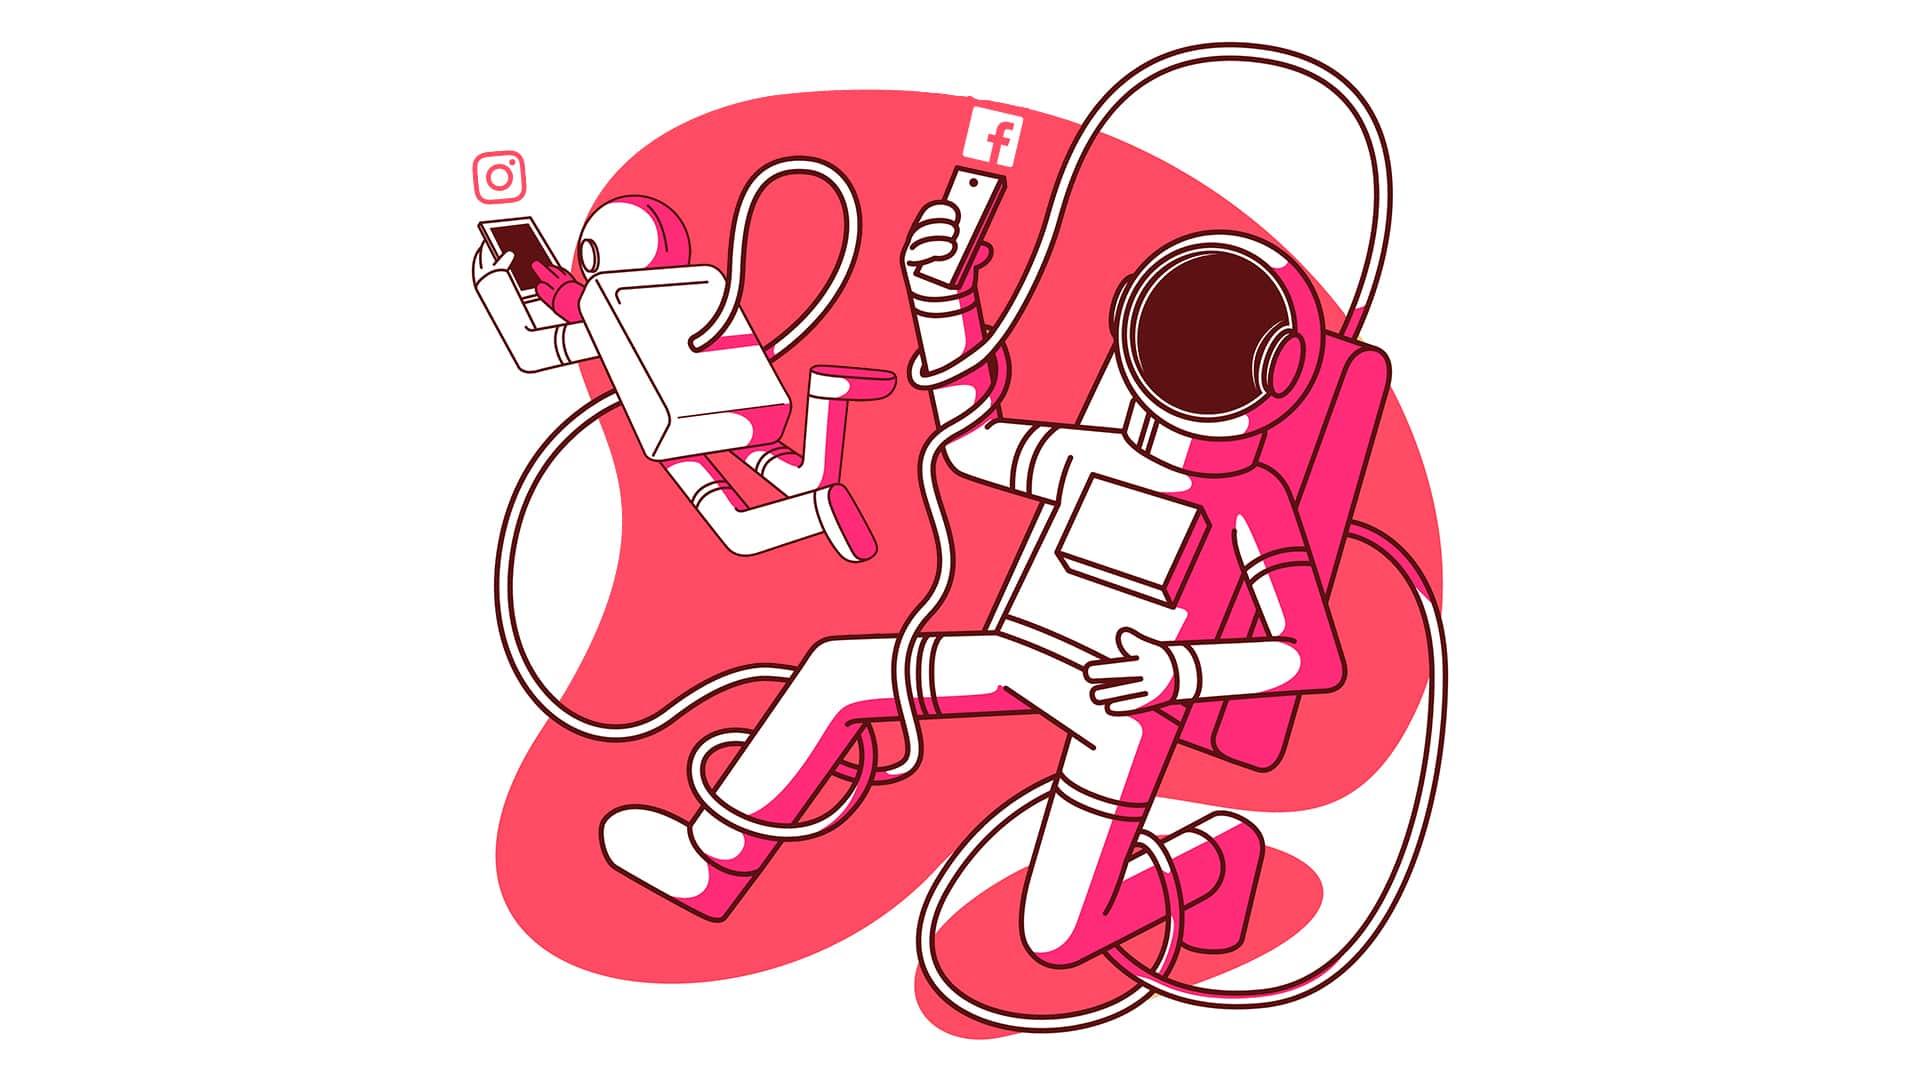 Verbinde dein Instagram mit Facebook in nur drei einfachen Schritten! Schneller und einfacher gehts nicht!